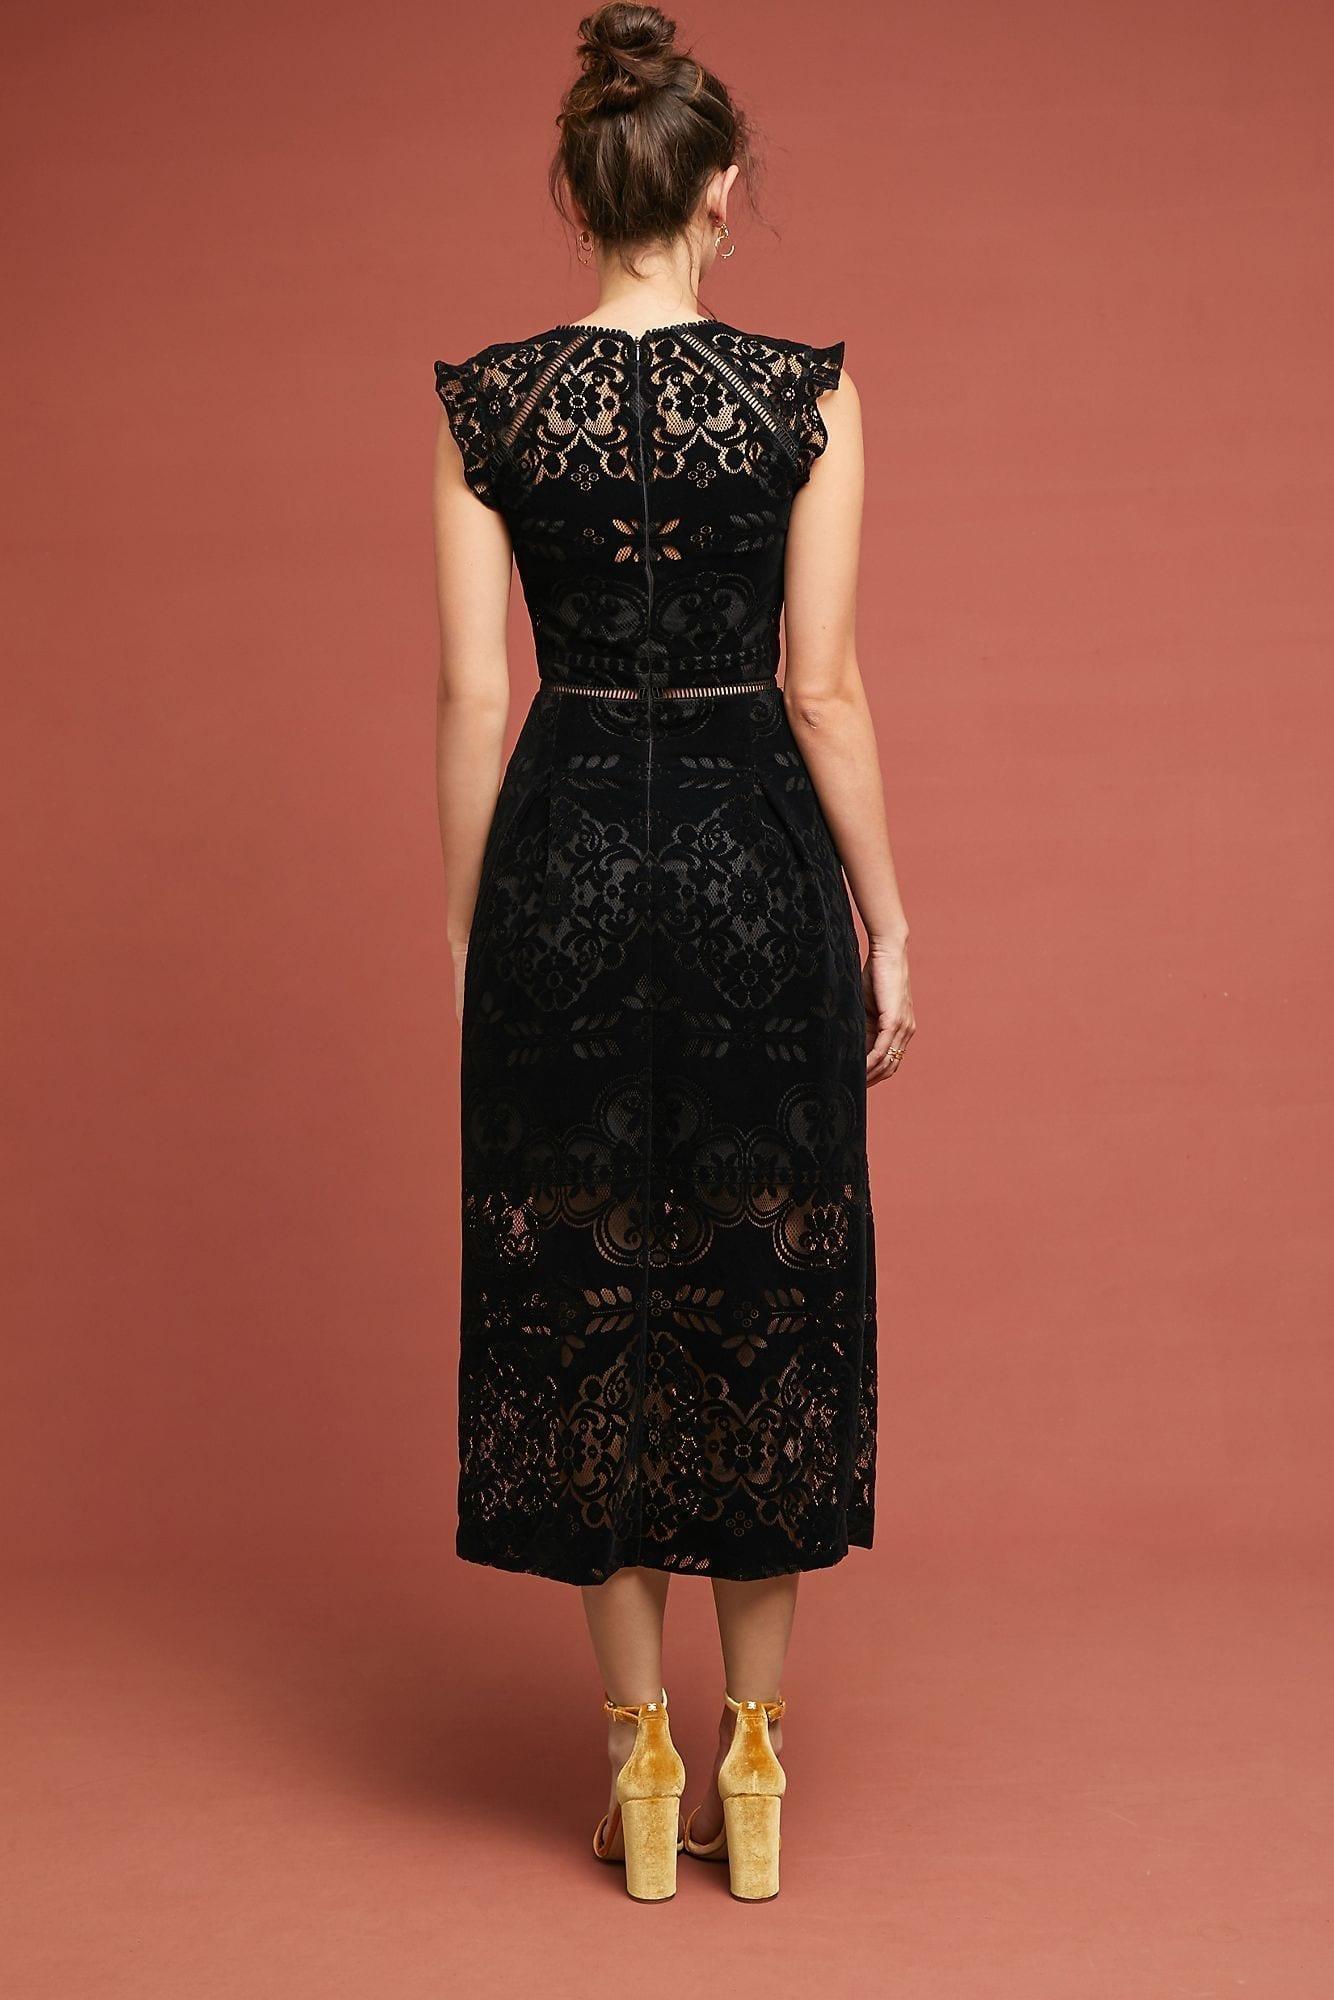 d97053ee646 ML MONIQUE LHUILLIER ML Monique Lhuillier Ariadne Lace Black Dress ...